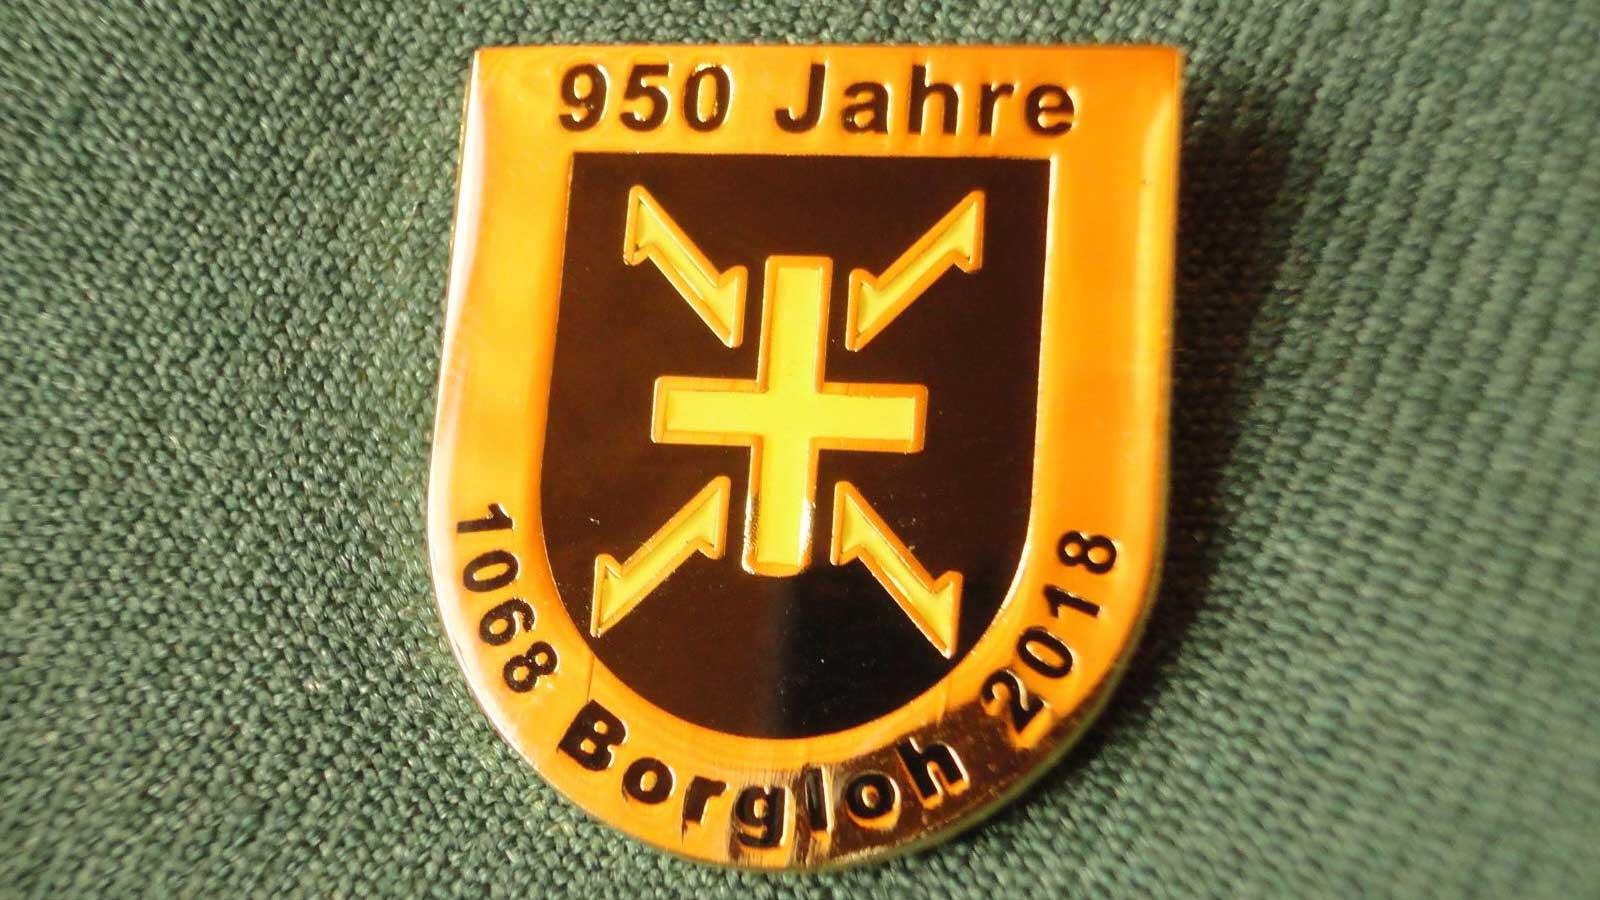 950 Jahre Borgloh, wir sind dabei